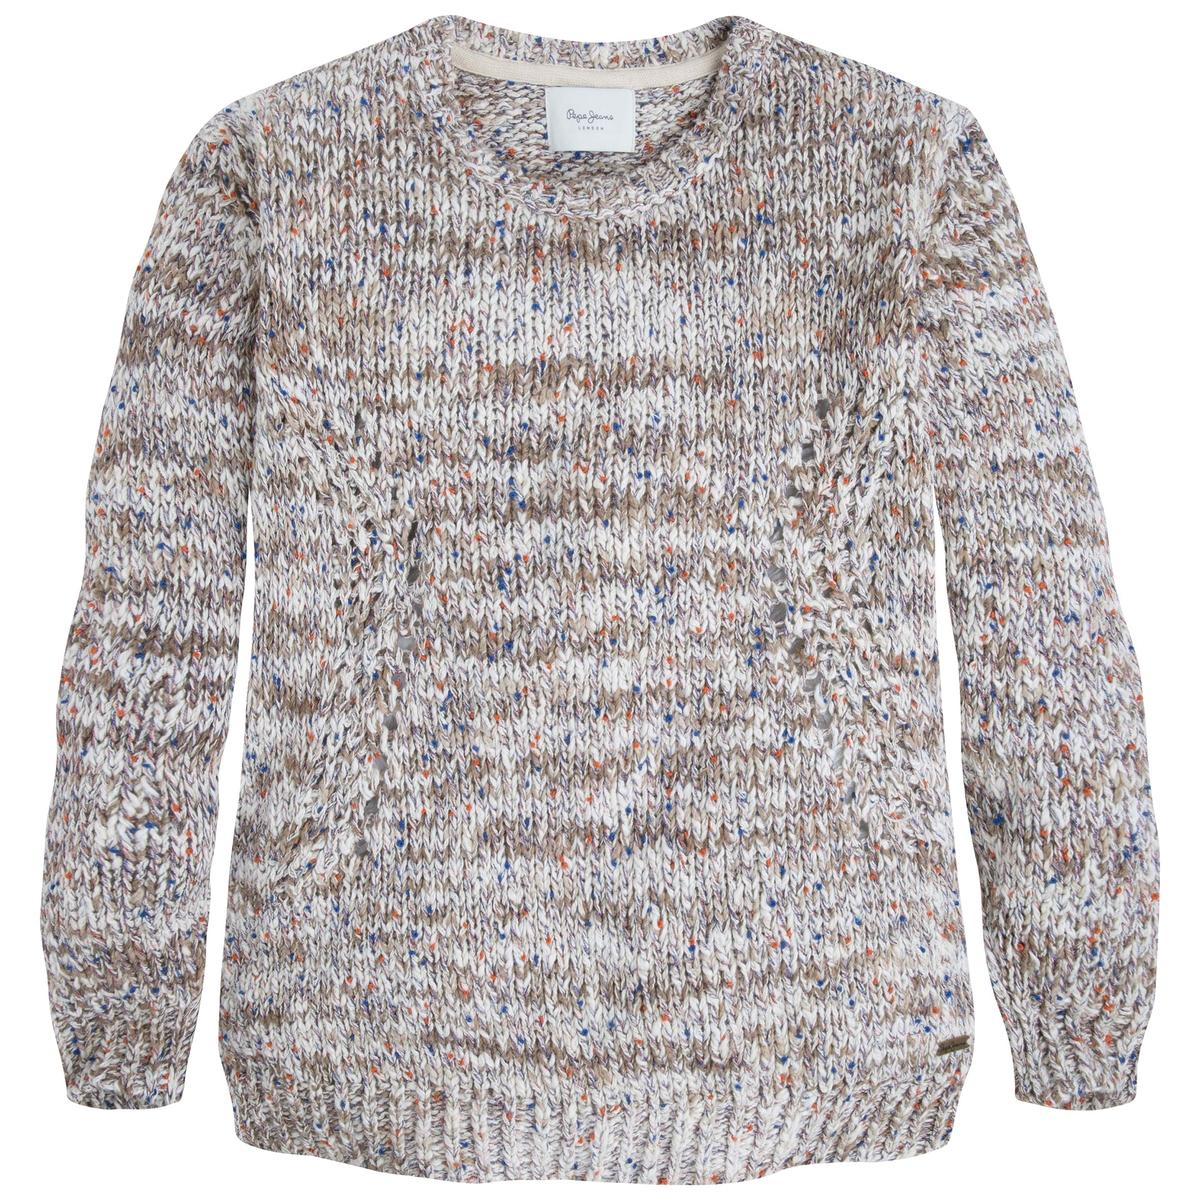 Пуловер с круглым воротником из меланжевого трикотажа LAIAСостав и описаниеМарка: PEPE JEANS.Модель: LAIA.Материал: 100% хлопок.<br><br>Цвет: бежевый/разноцветный